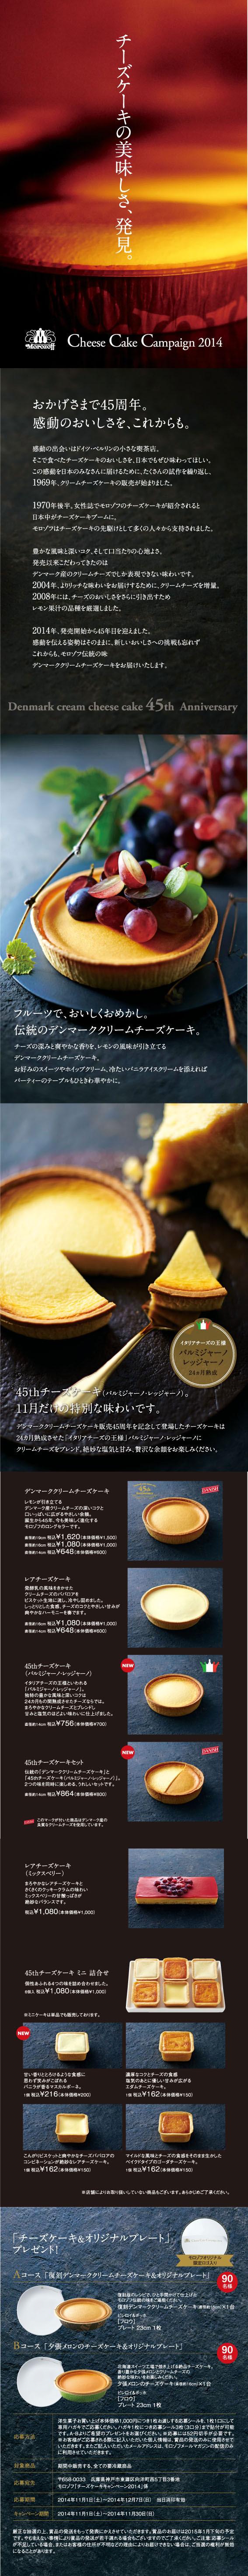 チーズケーキキャンペーン修正1.jpg